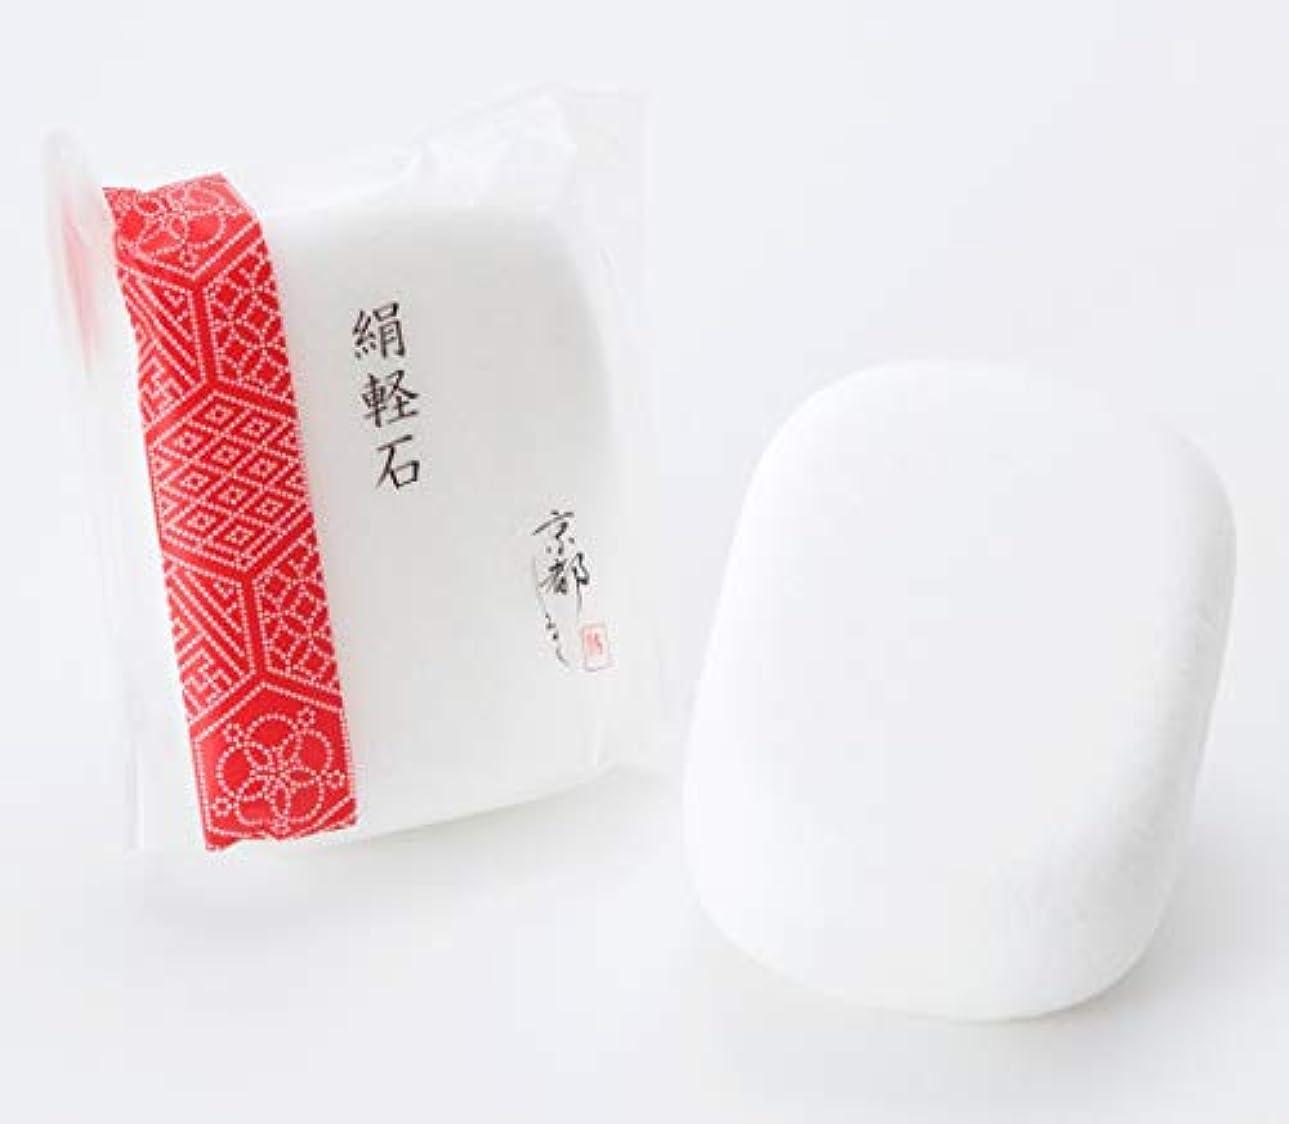 第二スペル存在京都しるく シルクの軽石【保湿成分シルクパウダー配合】/かかとの角質を落としてツルツル素足に 絹軽石 かかとキレイ かかとつるつる